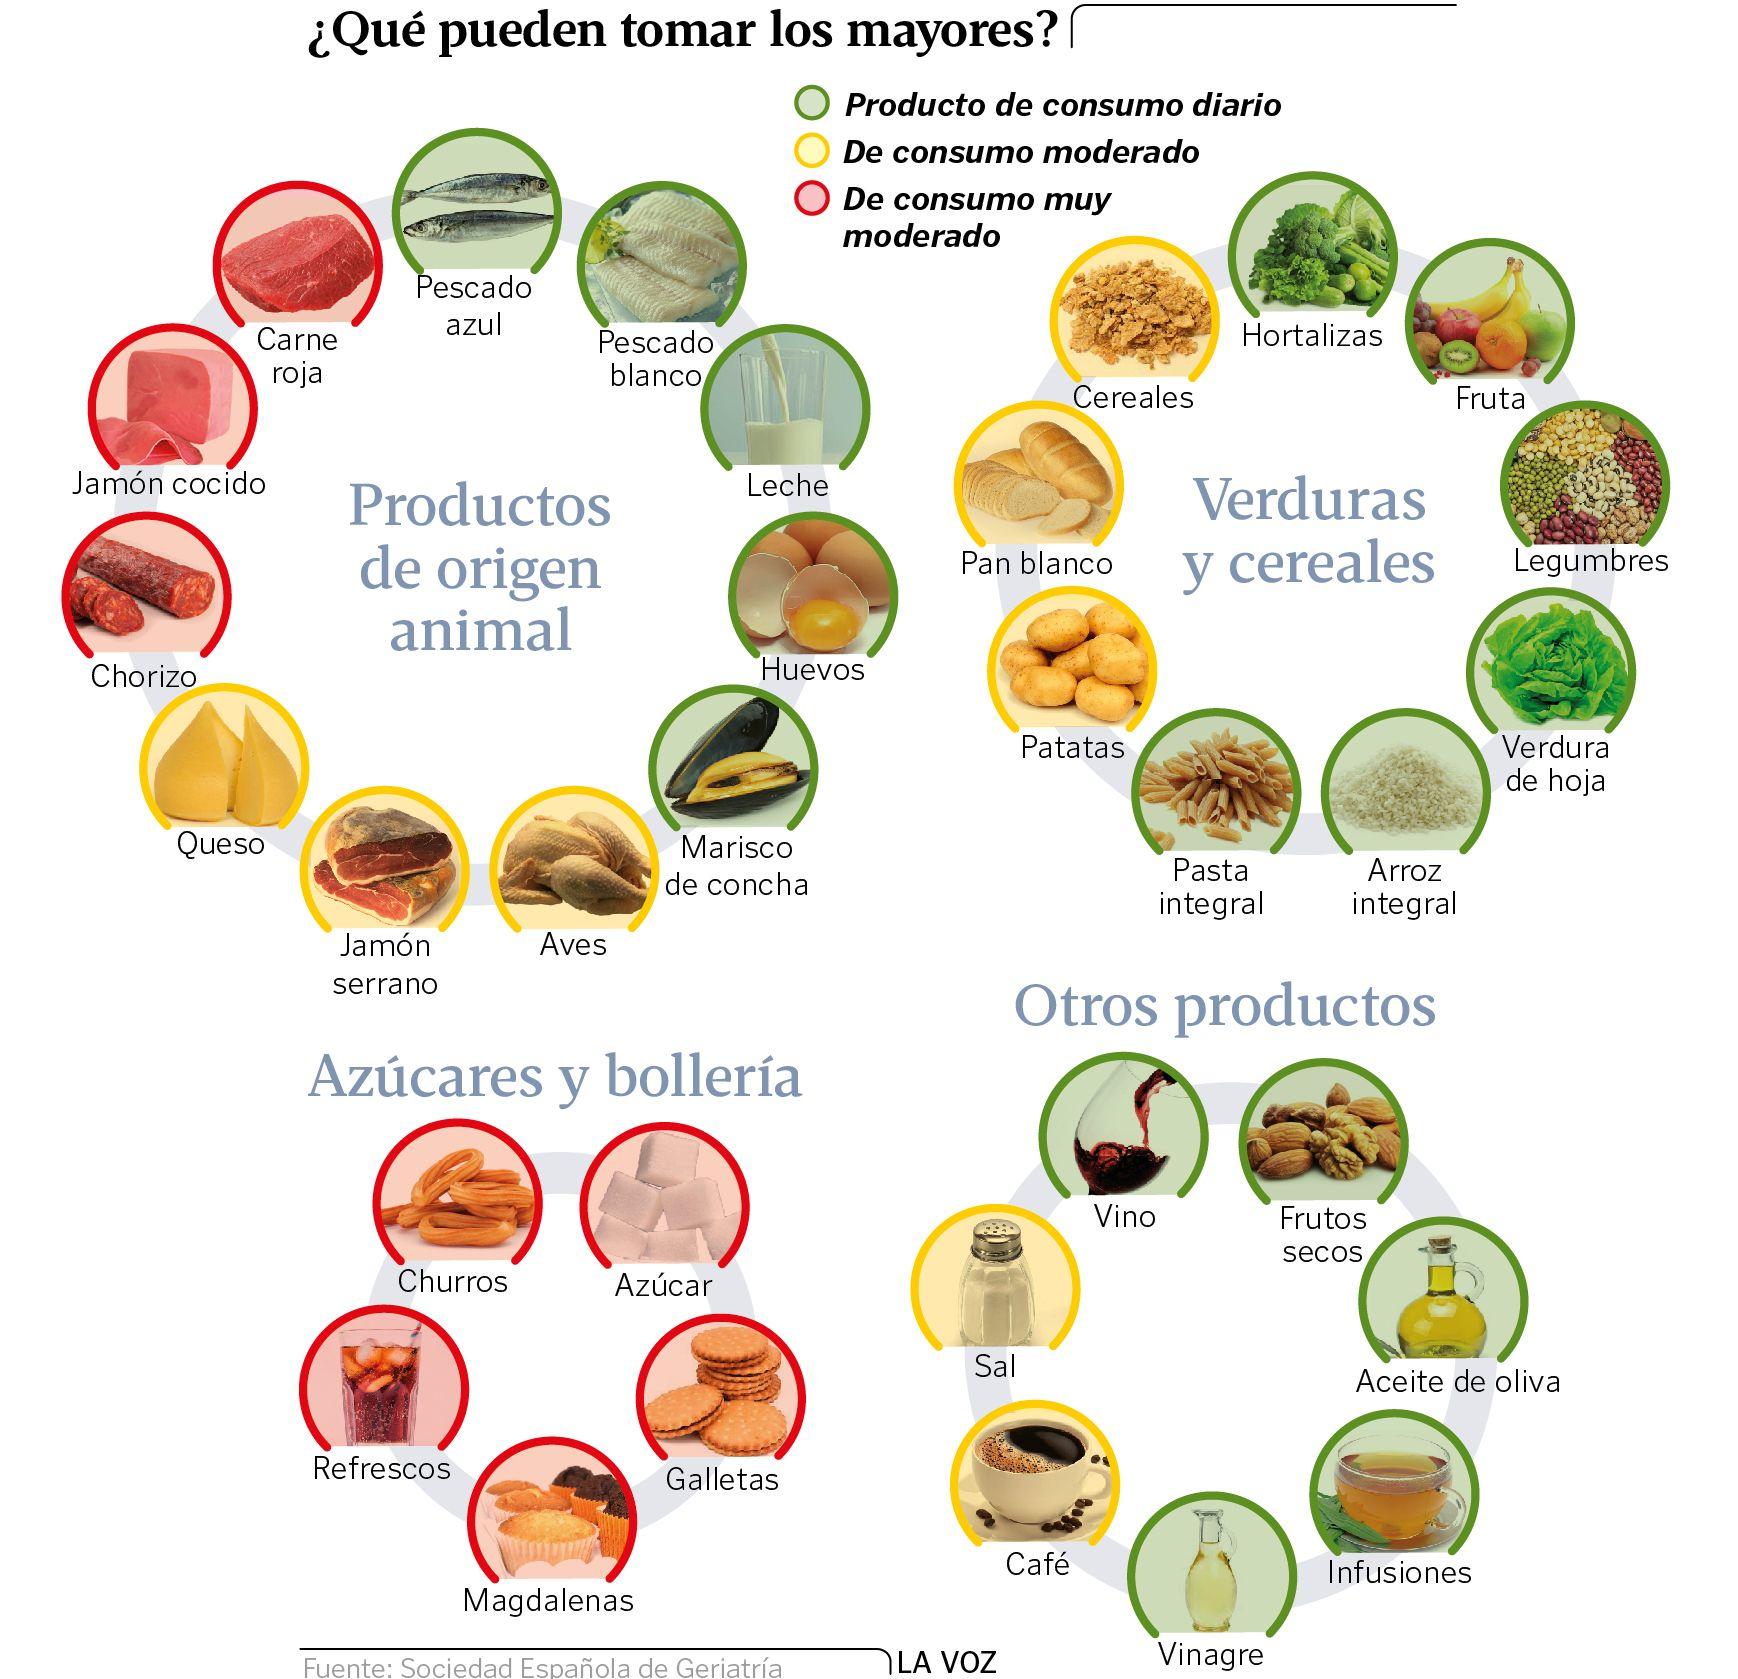 La dieta perfecta para vivir 100 años